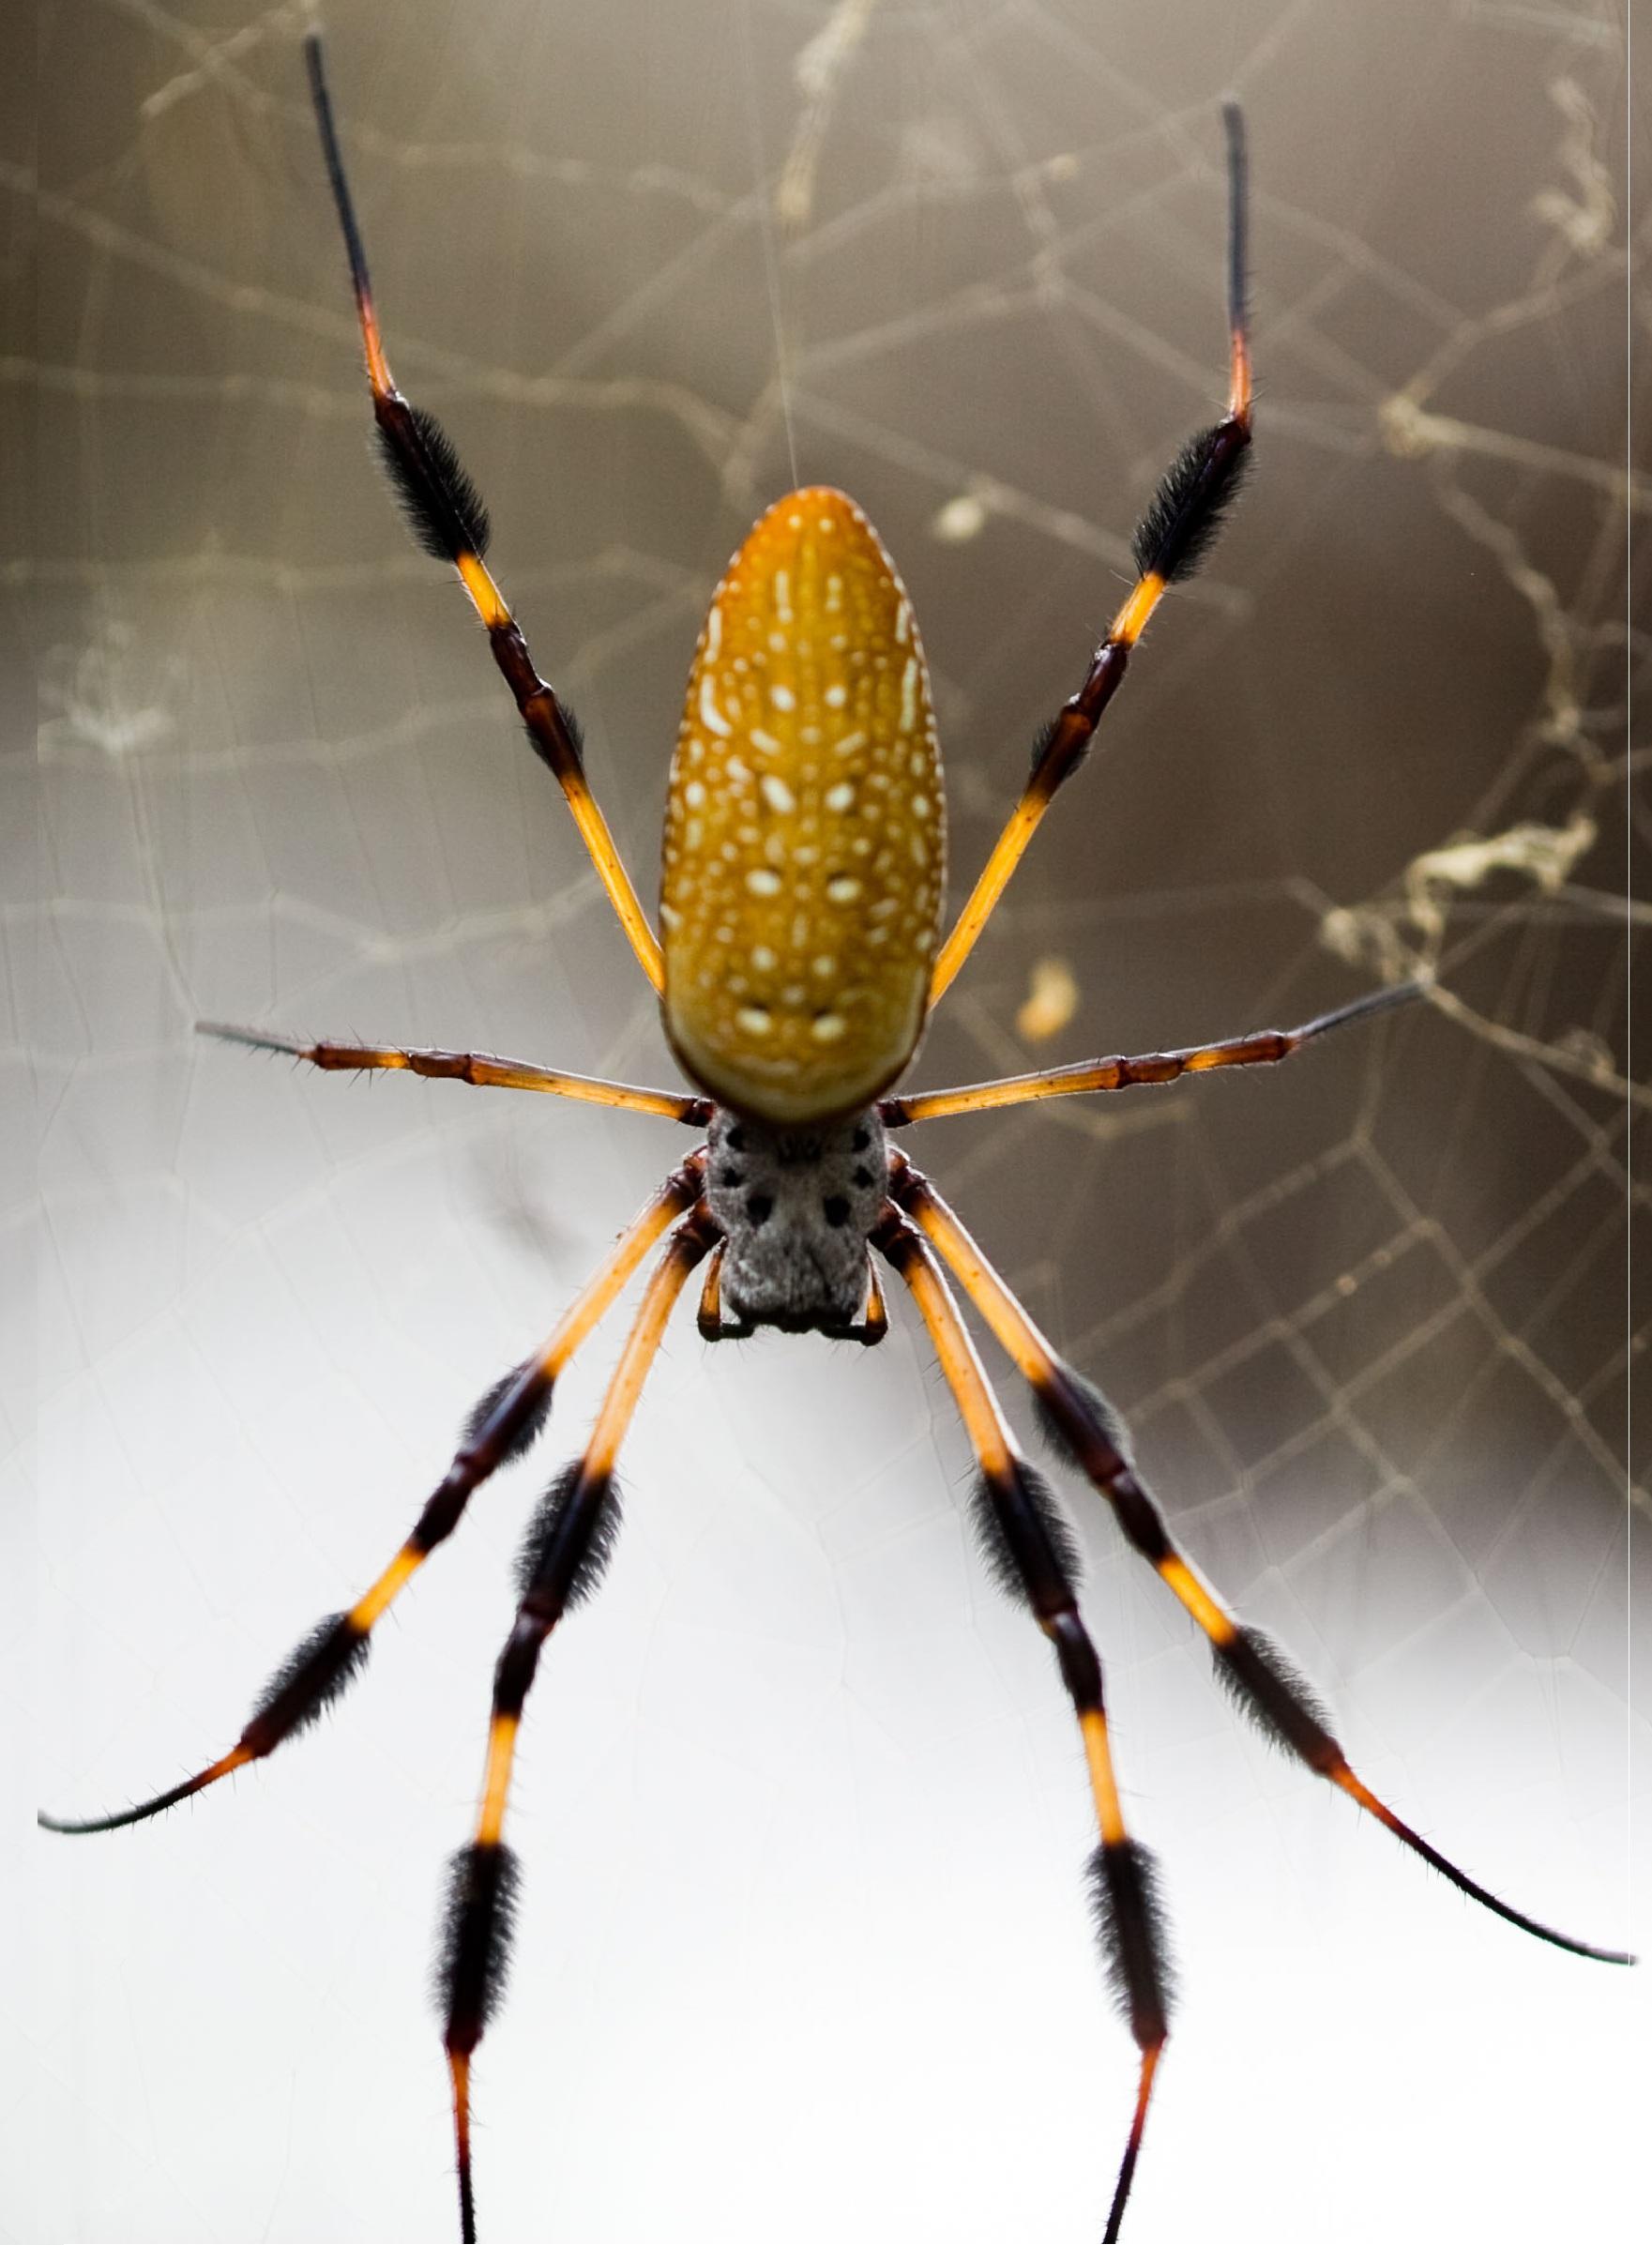 иллюзий банановый паук фото одна деталь, возможно